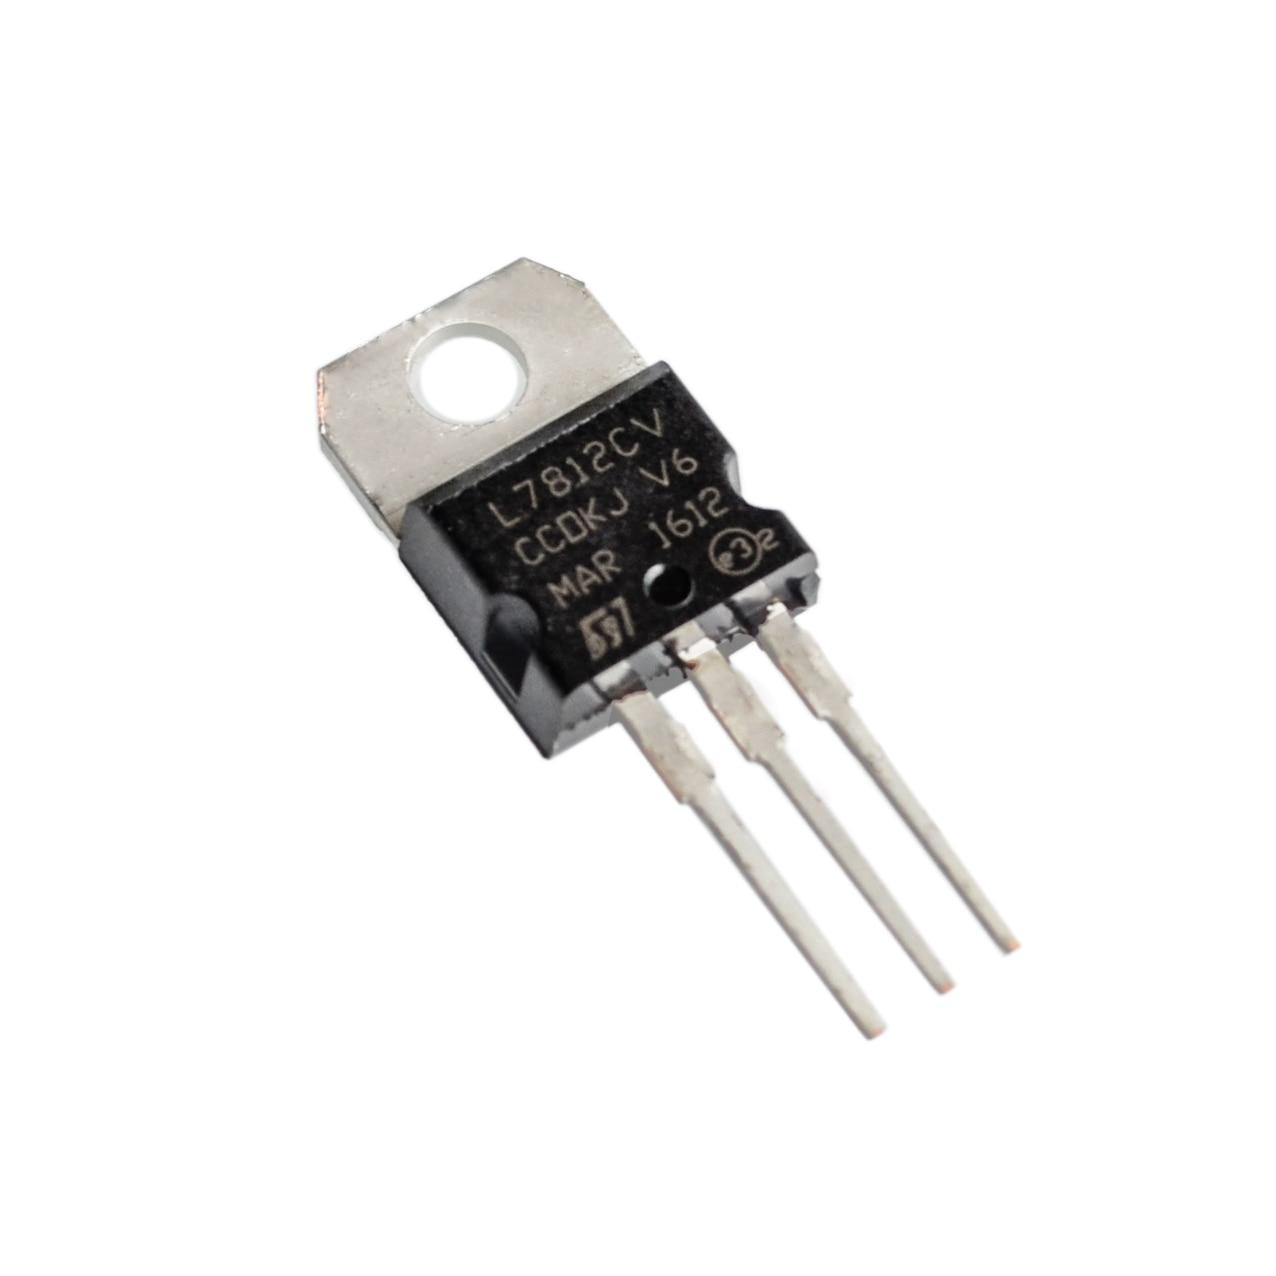 Circuito integrato L7812 L7812cv 7812 regolatore stabilizzatore di tensione